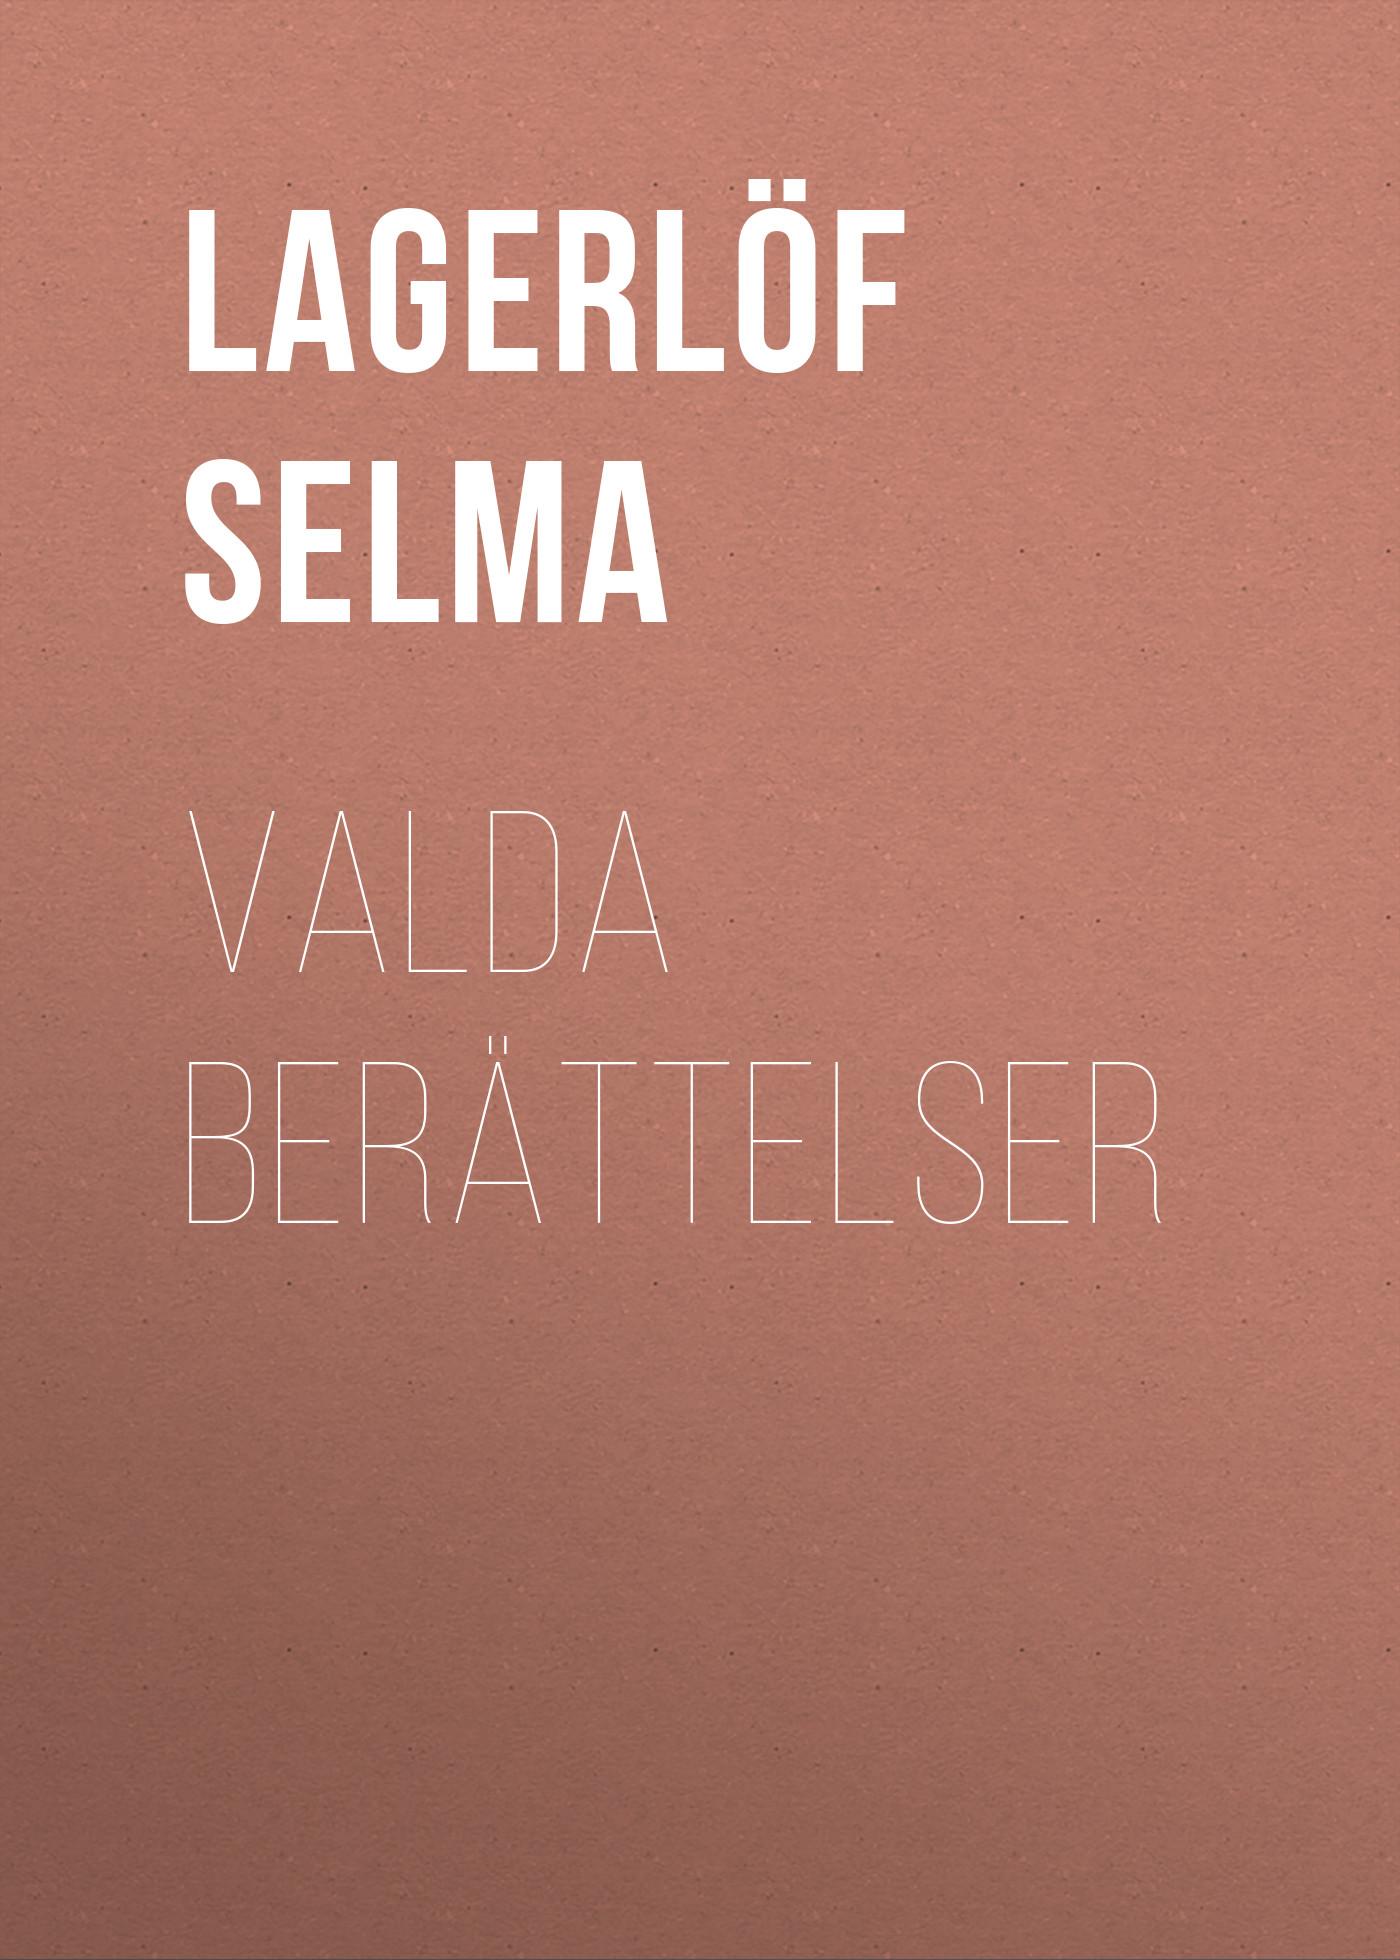 все цены на Lagerlöf Selma Valda Berättelser онлайн